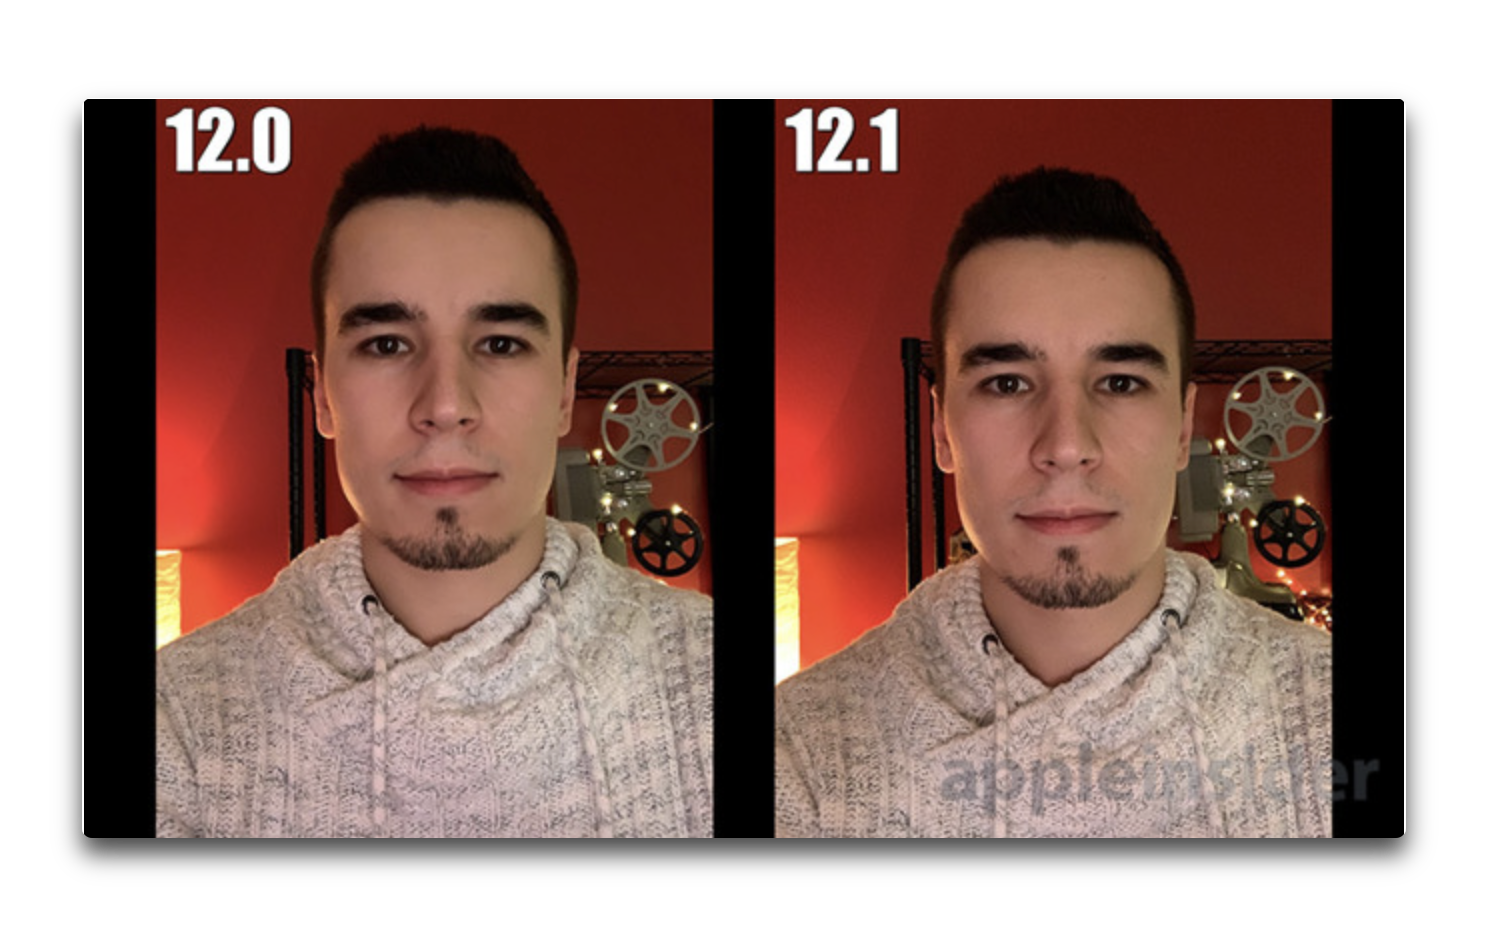 iPhone XS/XS Max、iOS 12とiOS 12.1でセルフ写真のスムージングエフェクトの違い